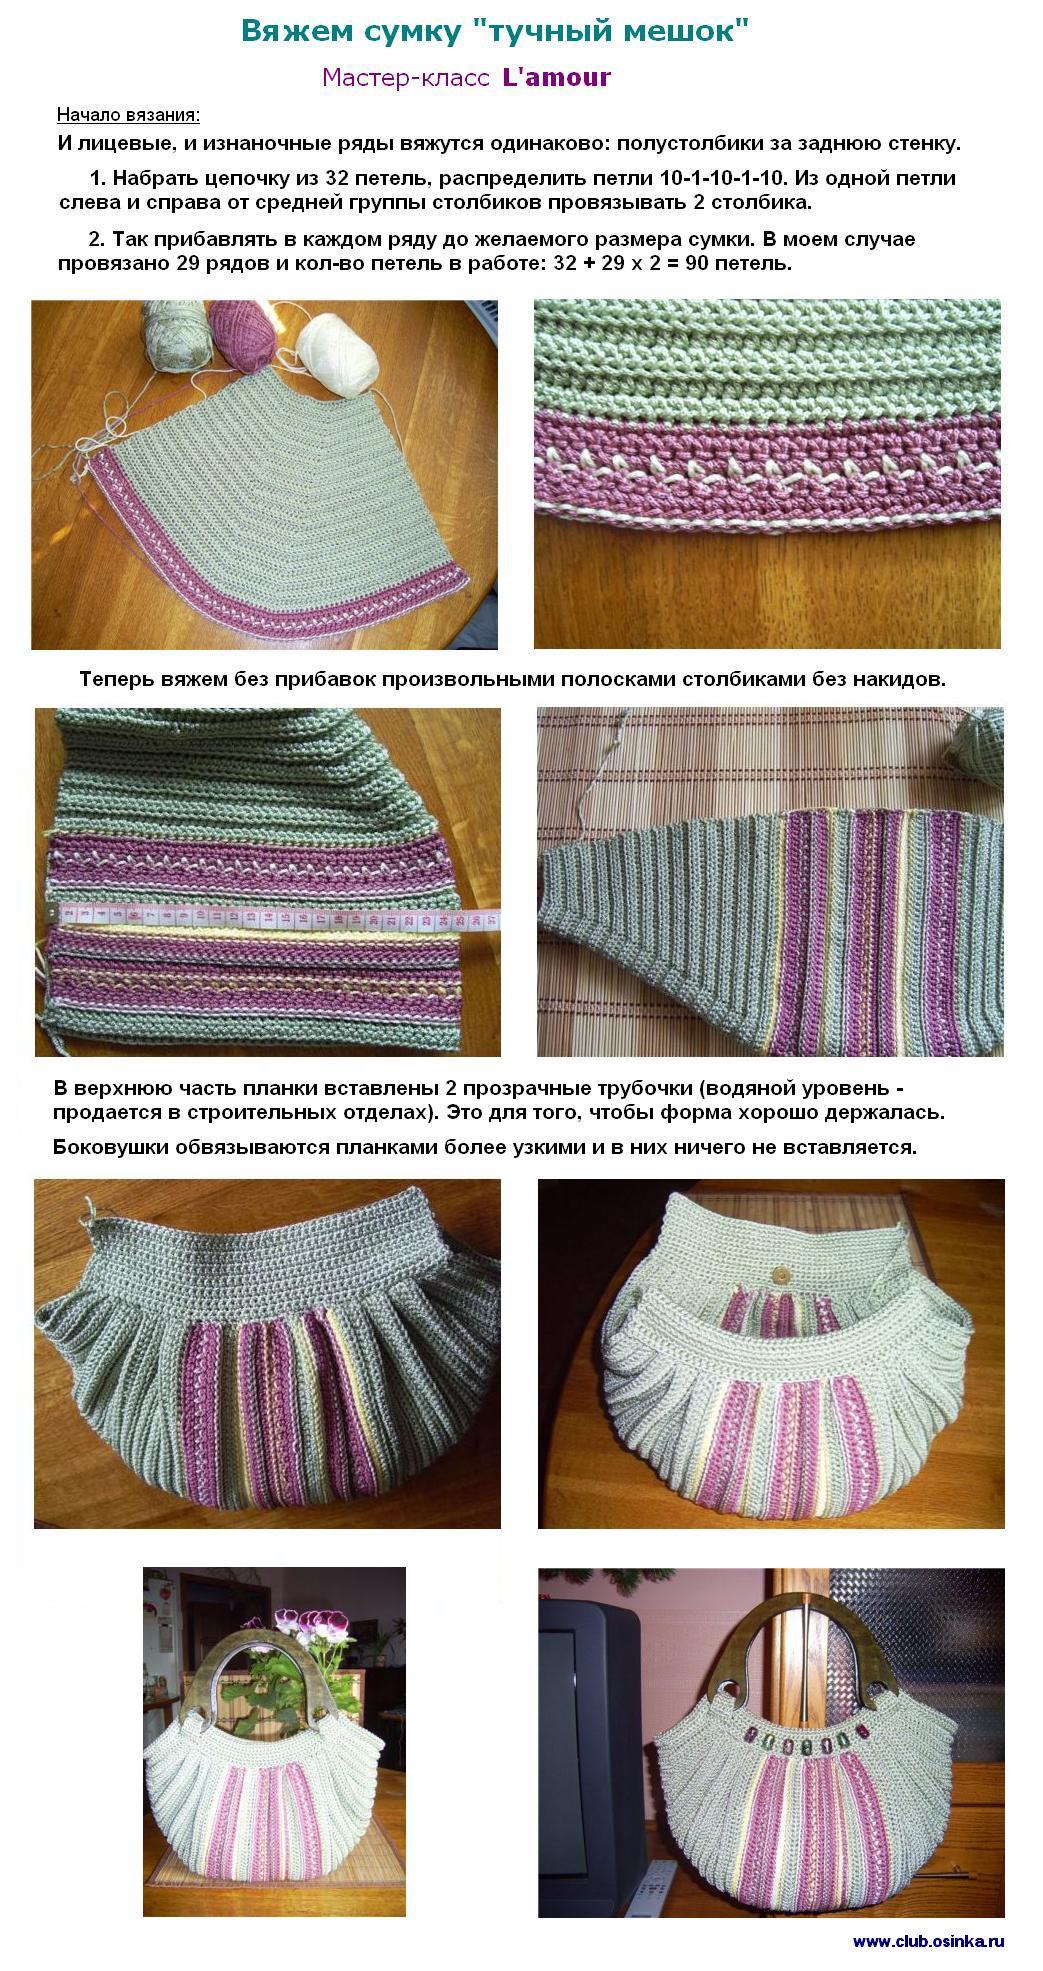 Схема вязания сумок фото